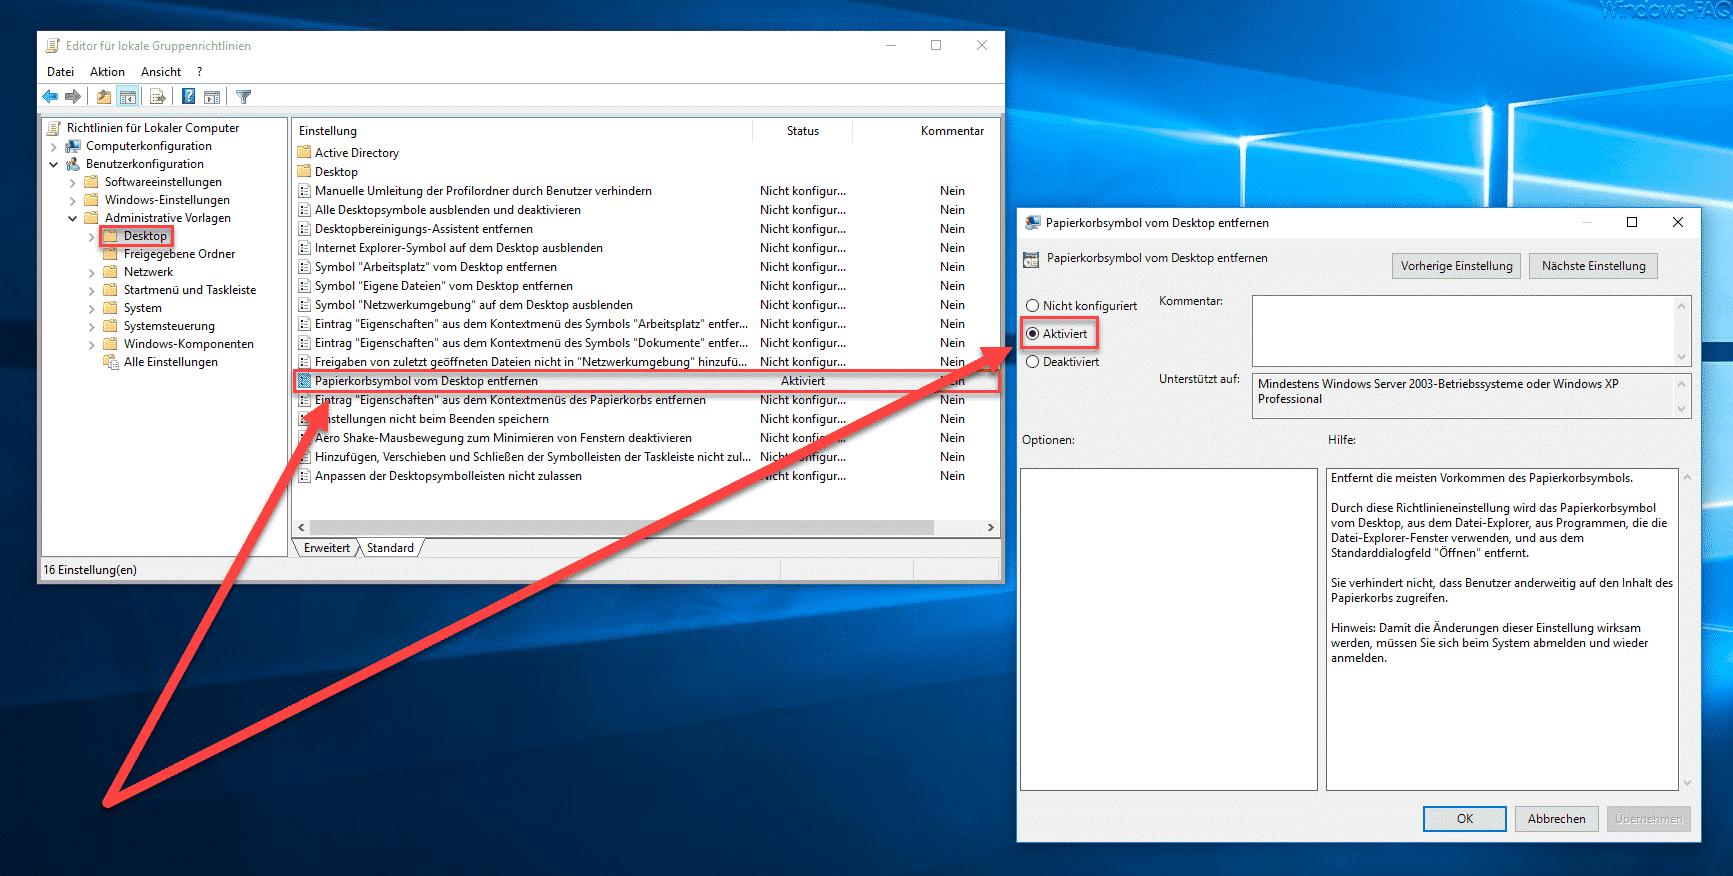 Papierkorbsymbol vom Desktop entfernen